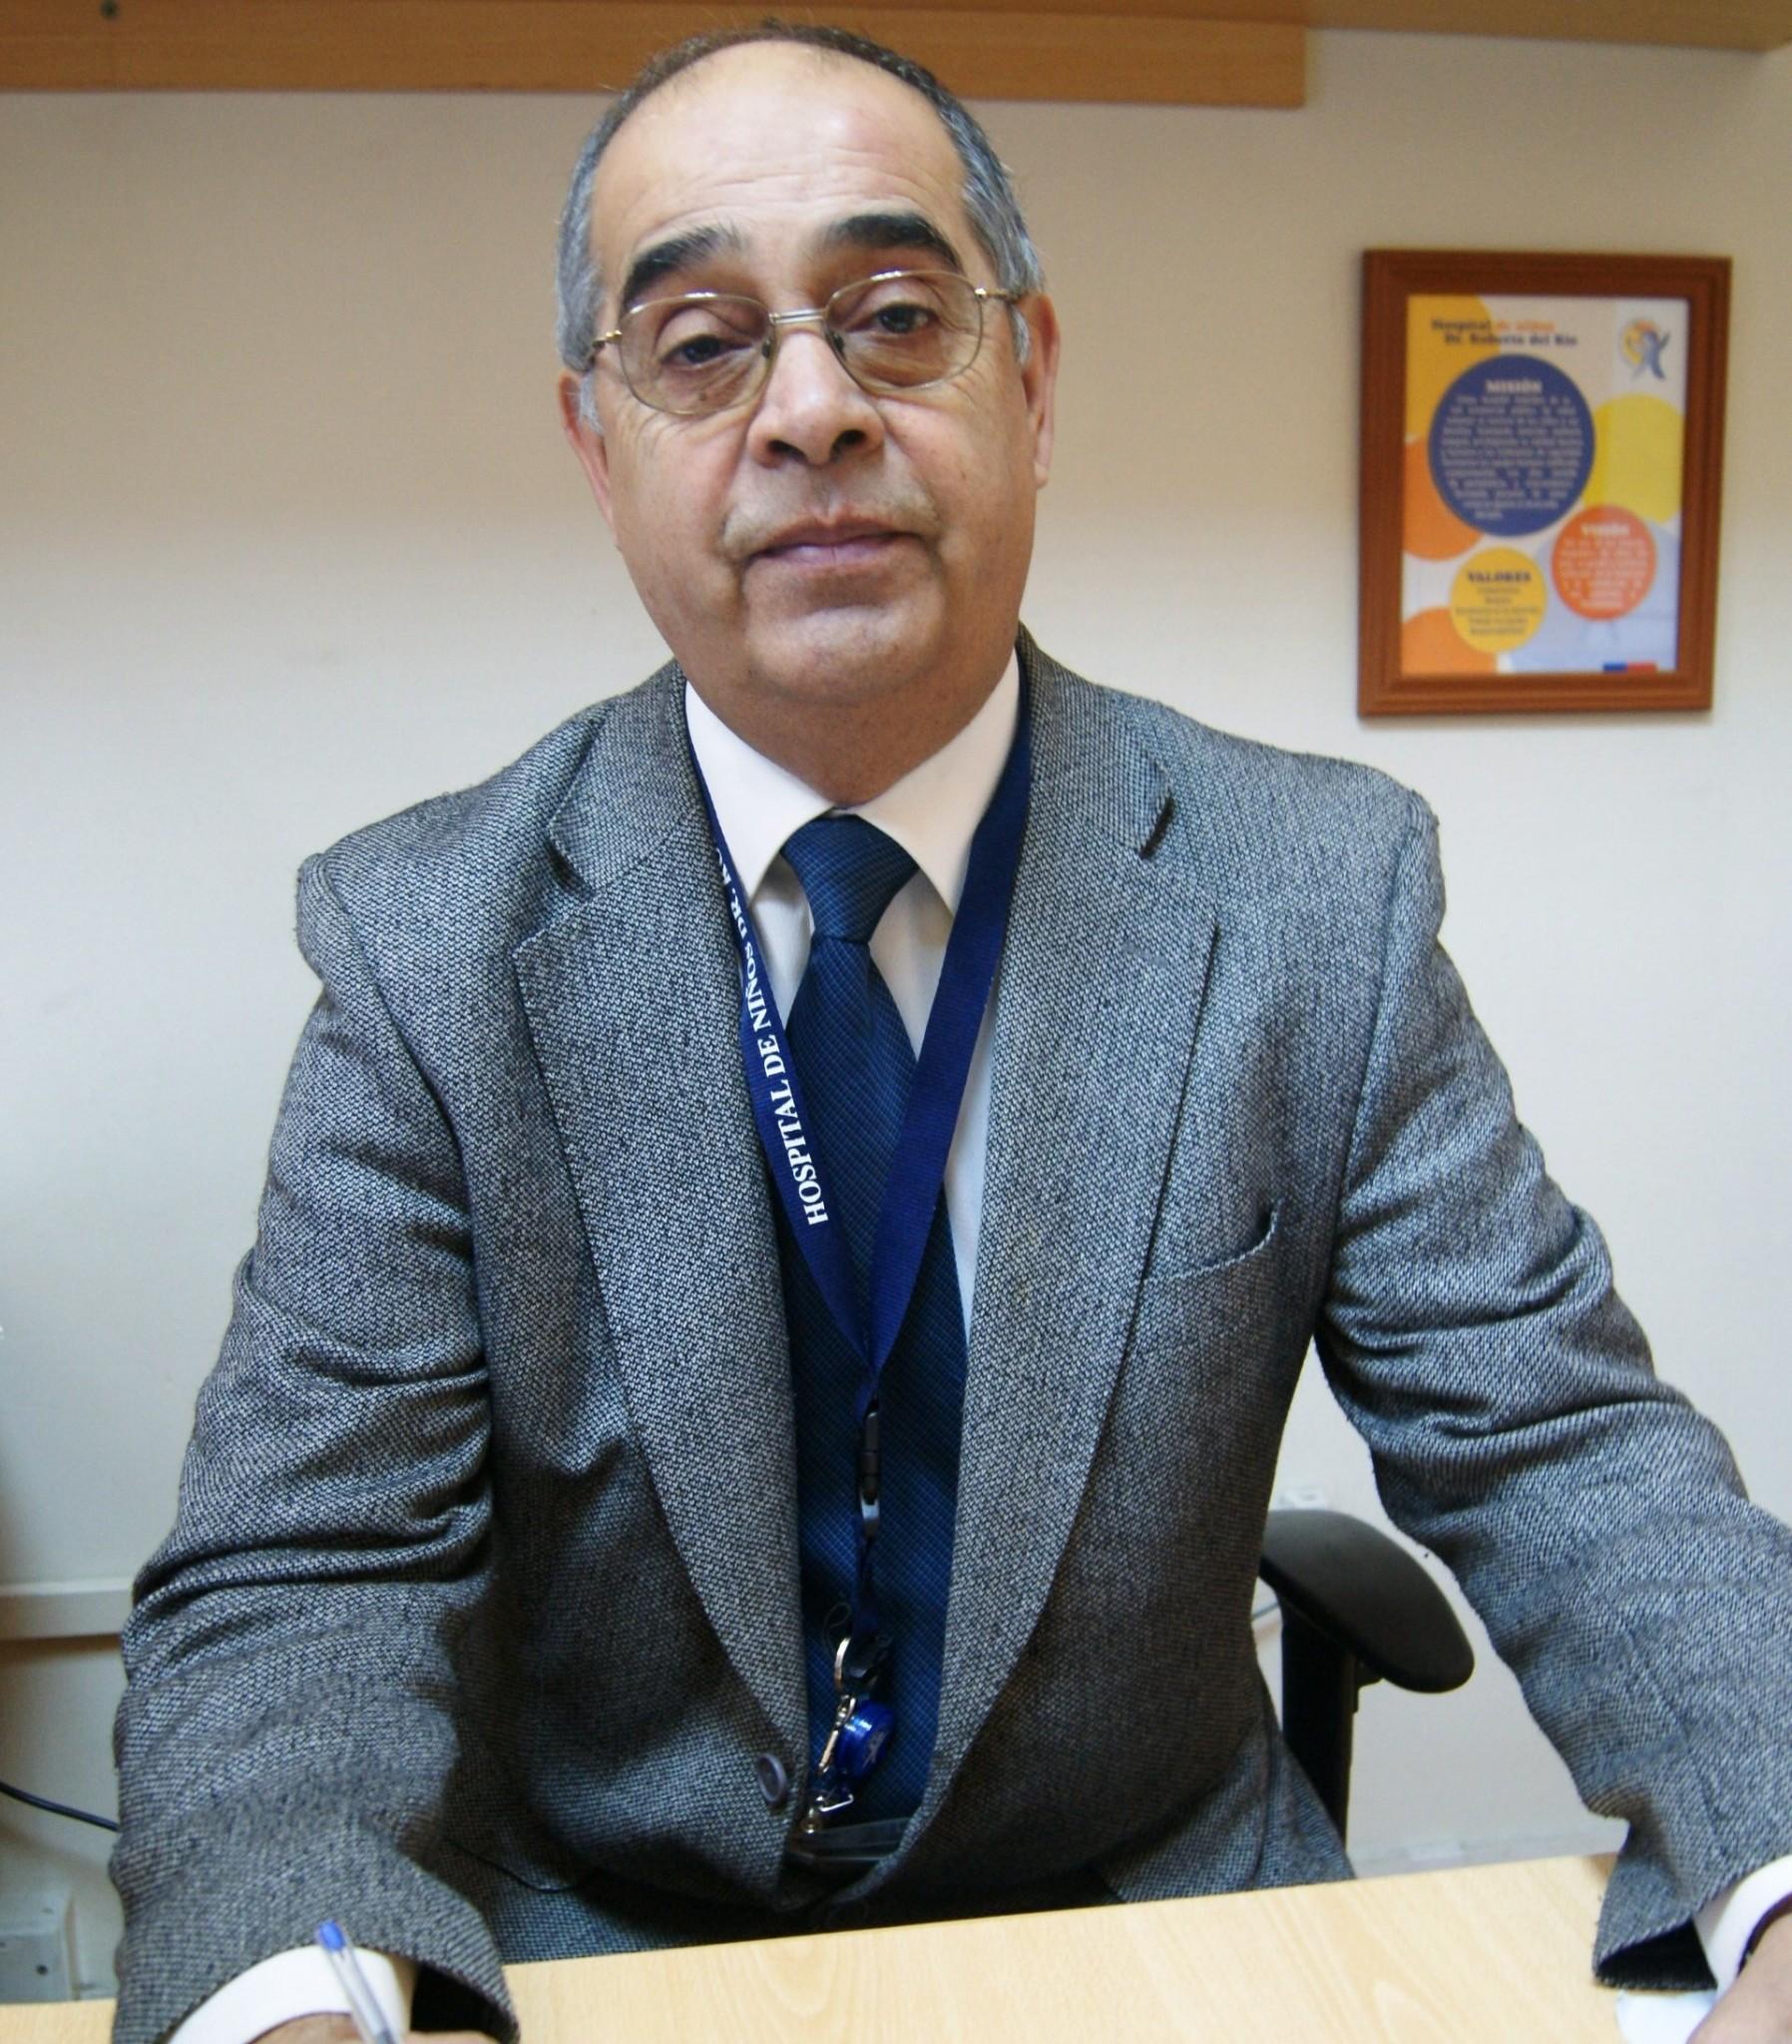 Mario Román Álvarez